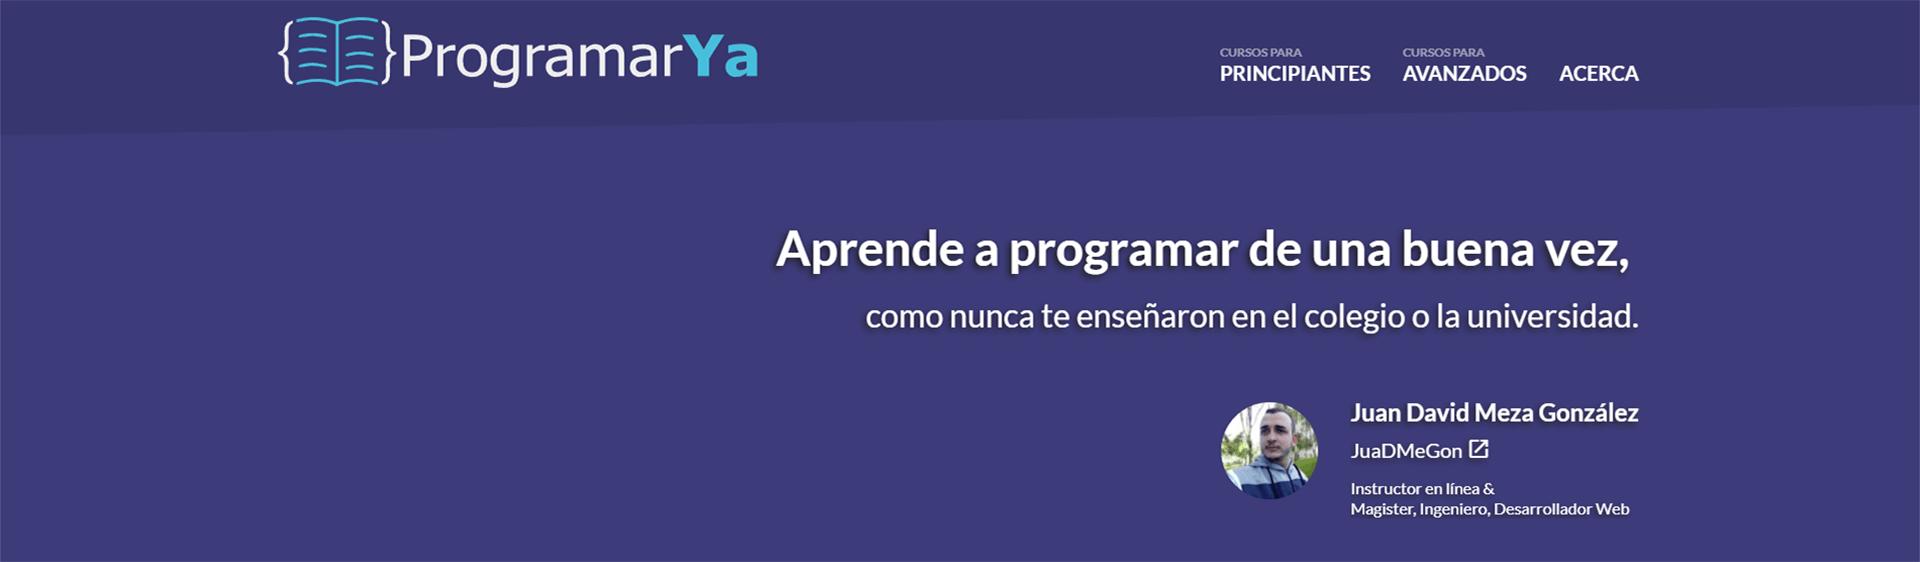 La quinta y más reciente versión del sitio, bajo el nombre de programarya.com; publicada a mediados del 2018